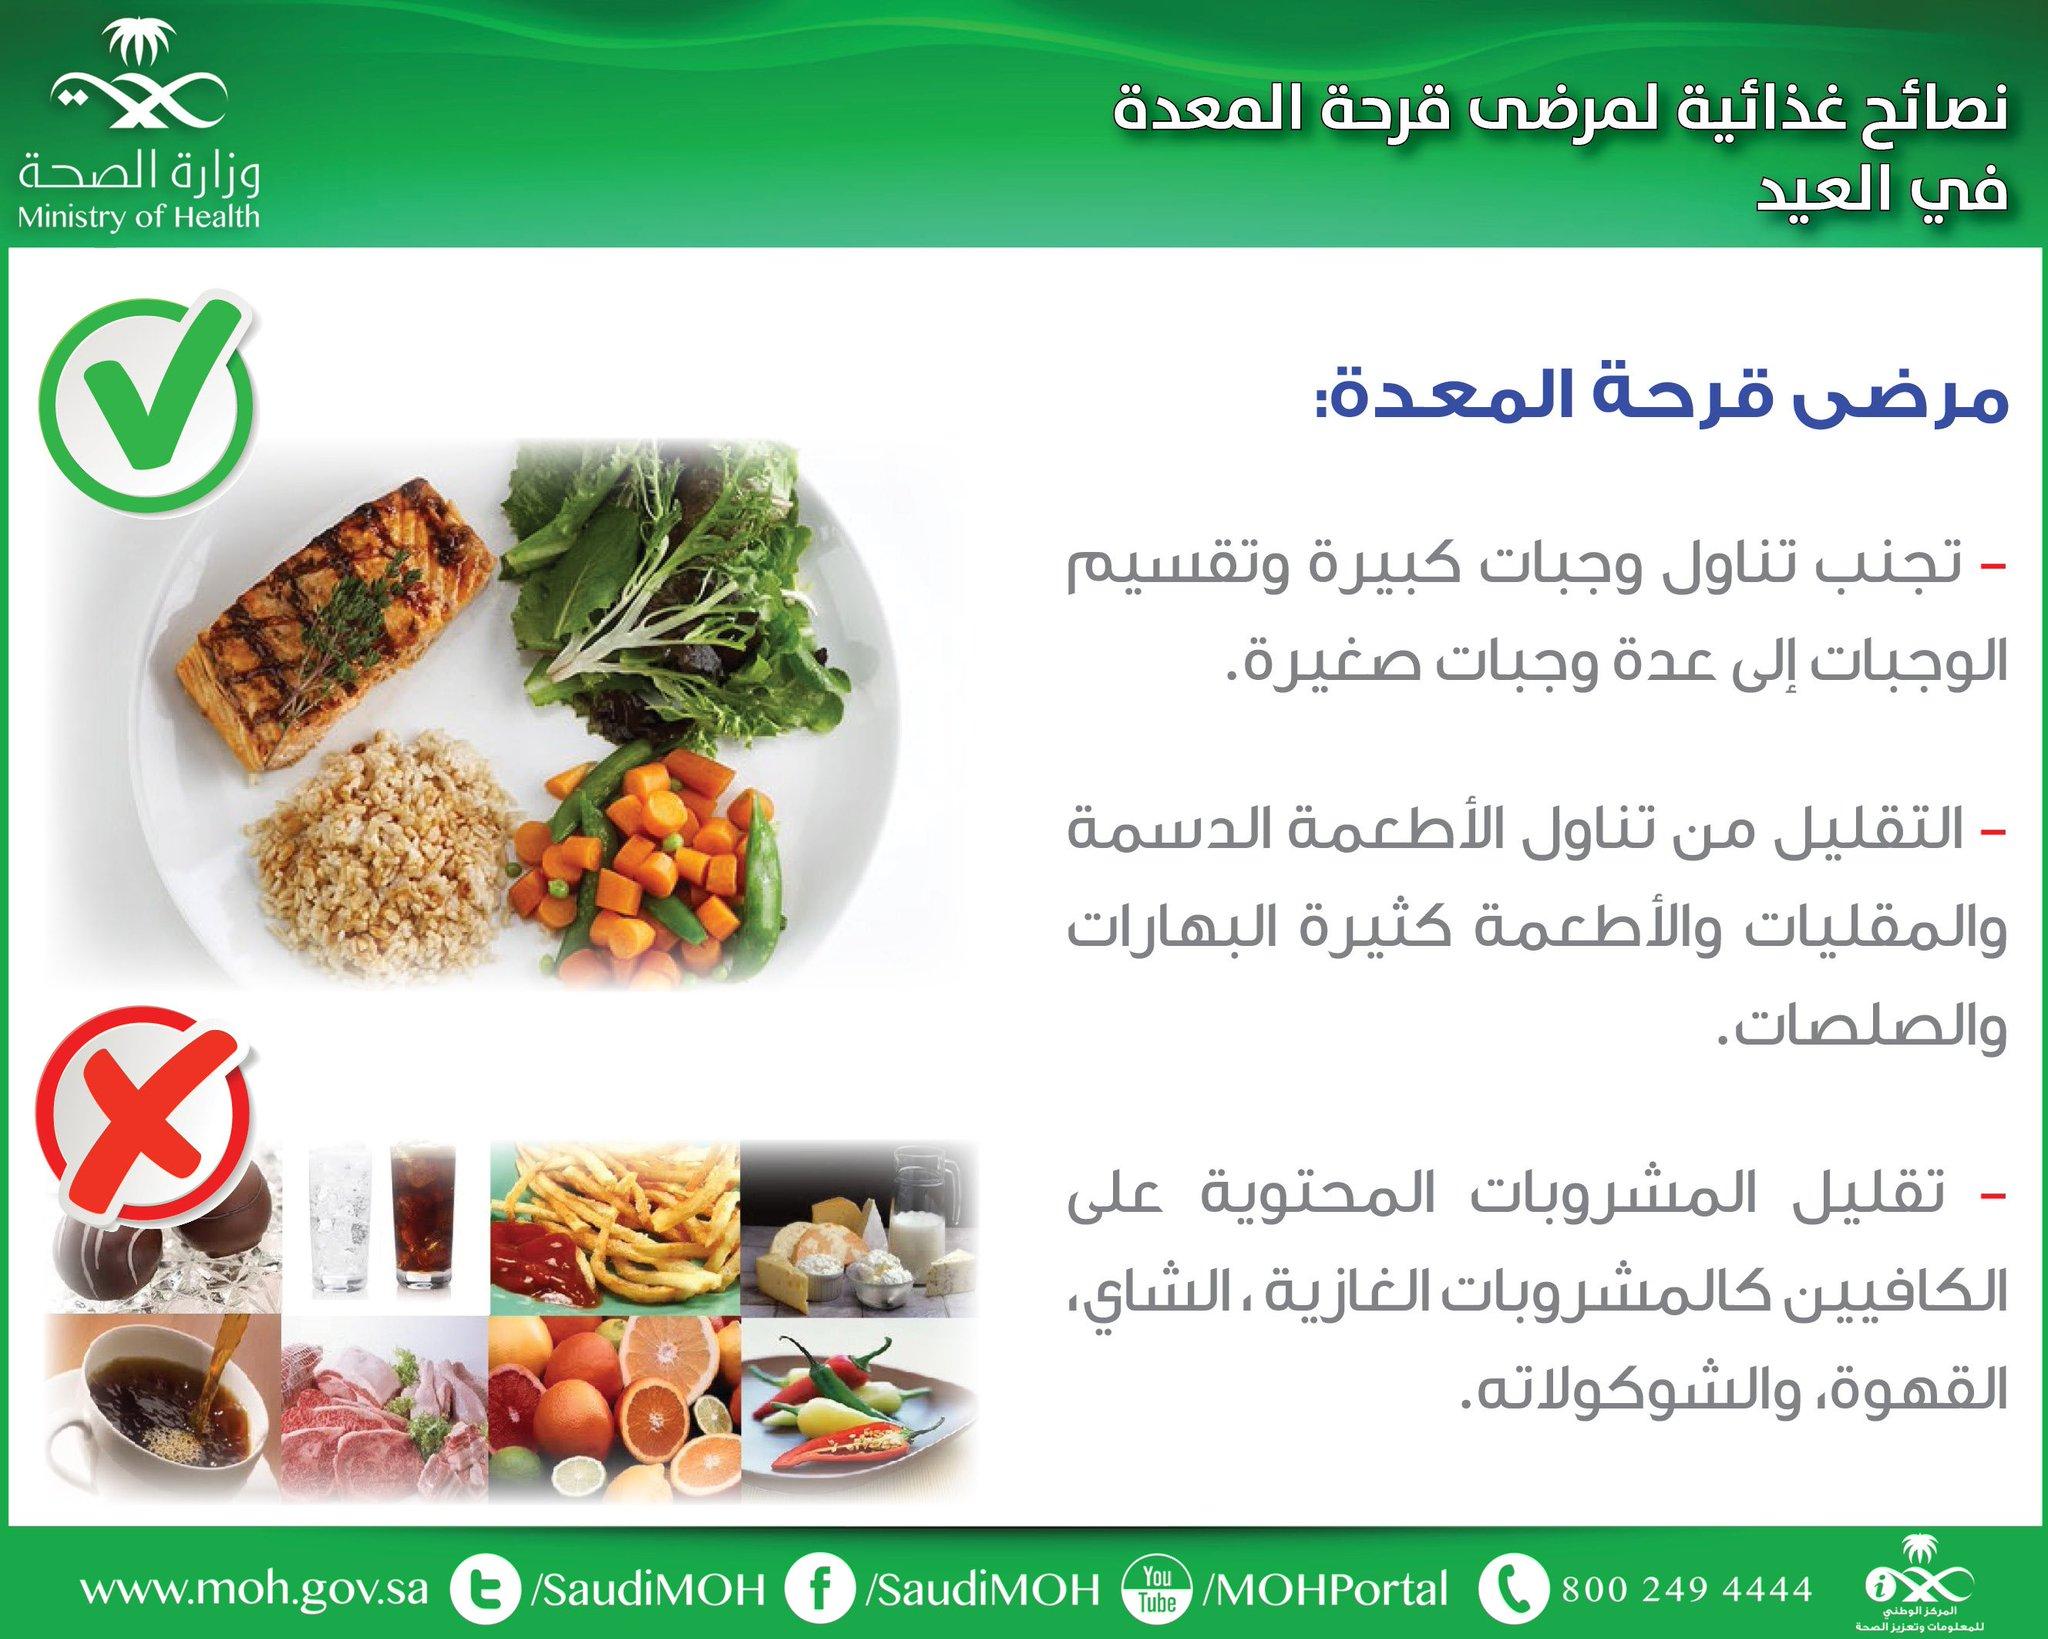 و ز ا ر ة ا لـ صـ حـ ة السعودية Di Twitter نصائح غذائية لمرضى قرحة المعدة في العيد صحة توعية علاج وقاية